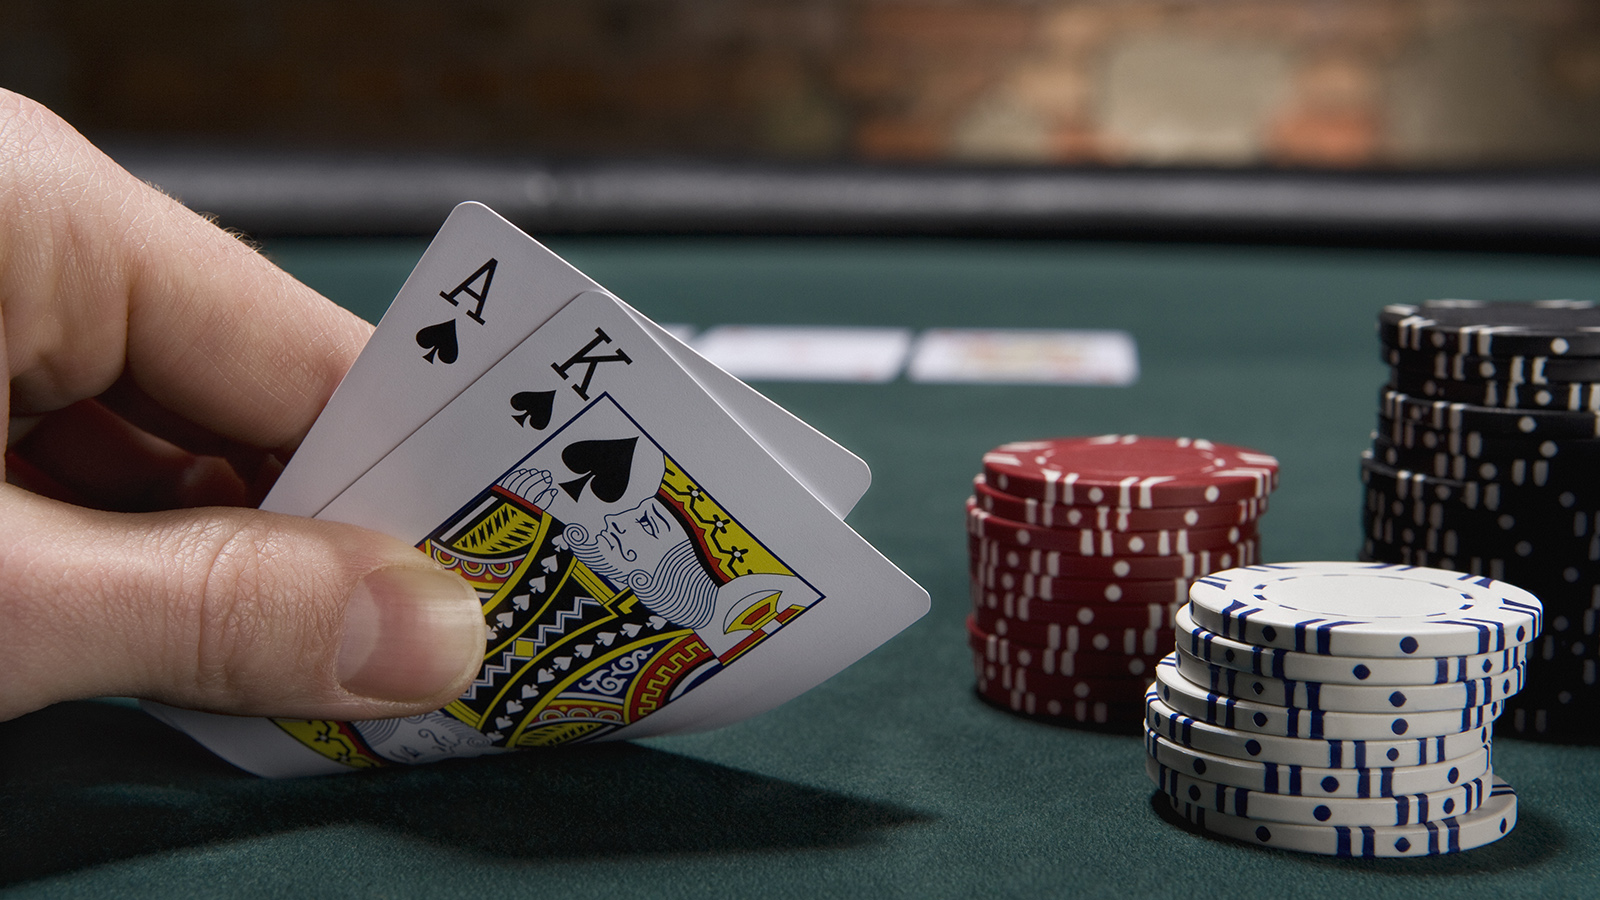 5G88-วิธีการแทงแบล็คแจ็ค-การตัดสิน-ชนะ-แพ้ไพ่-king855